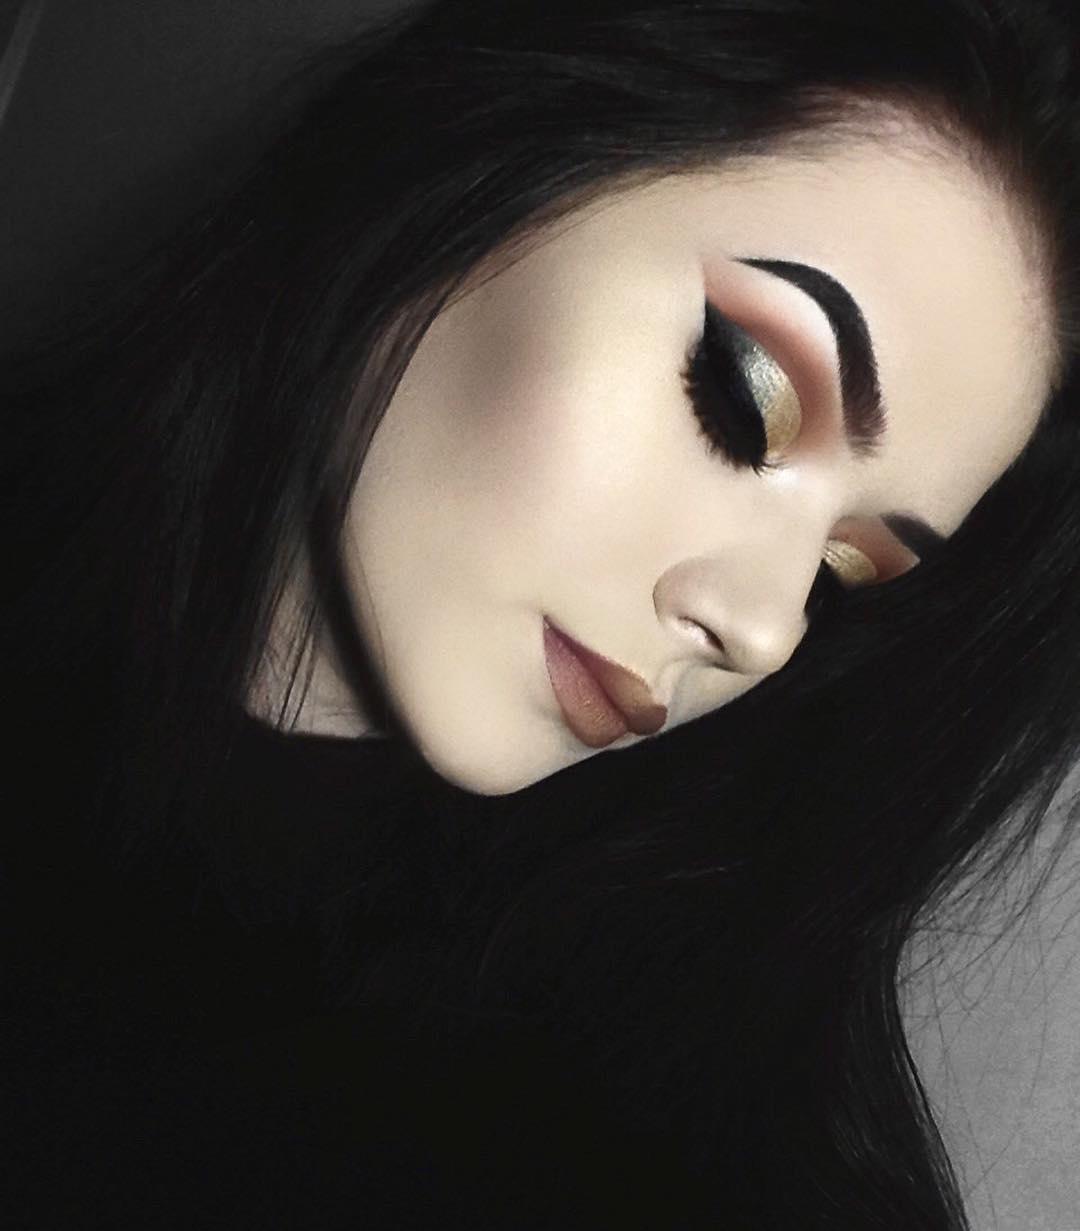 модный макияж фото 1